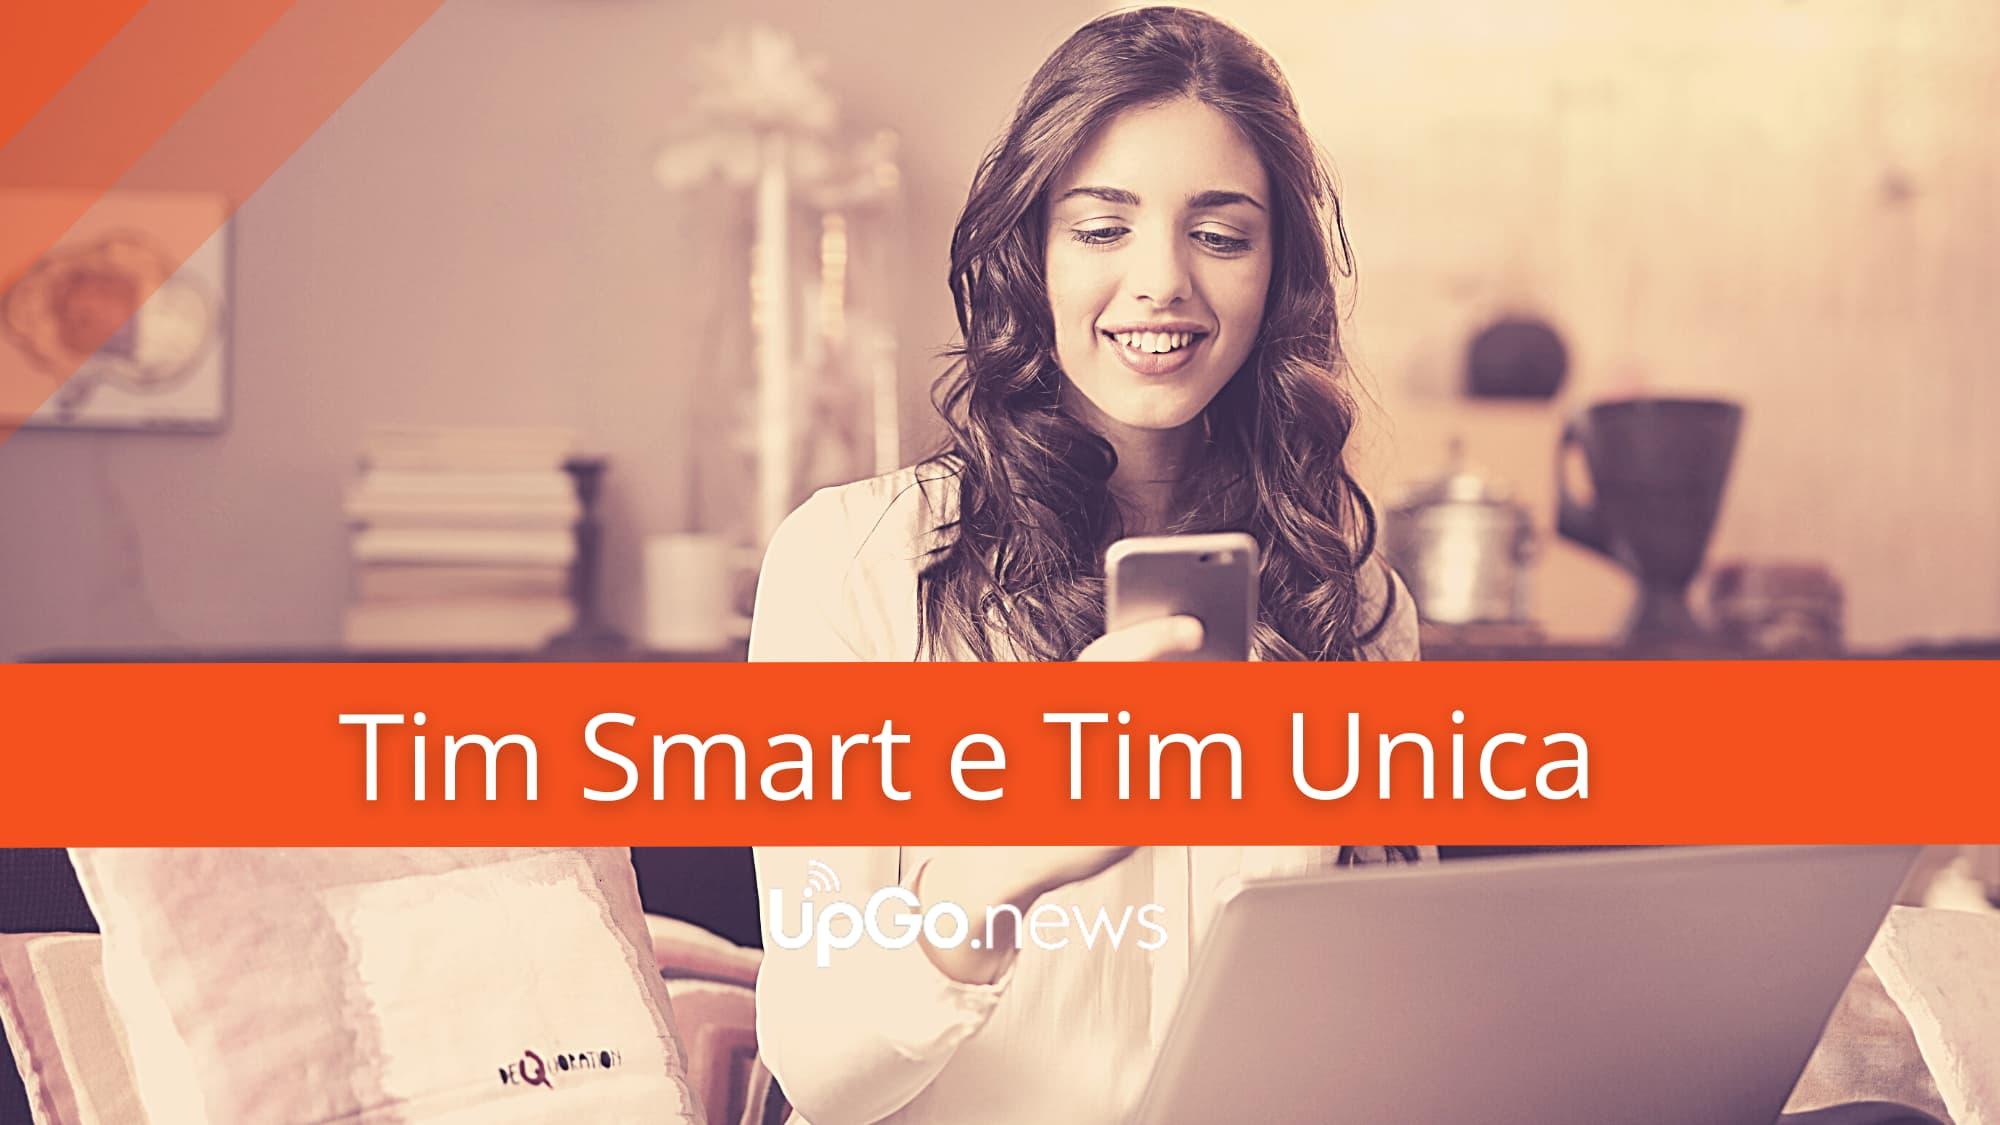 Tim Smart e Tim Unica